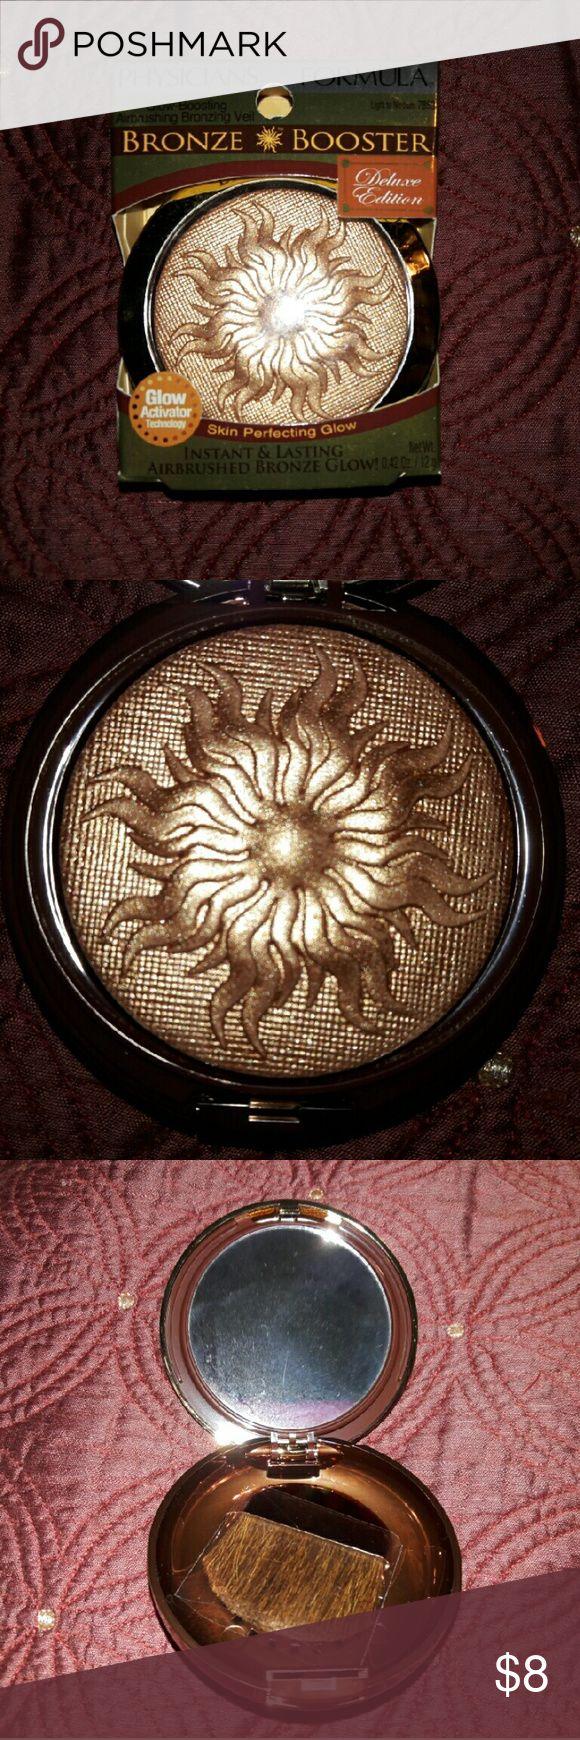 Physicians Formula Glow-Bposting Bronzer Brand New Light to Medium 7853 Bronzer Physicians Formula Makeup Bronzer